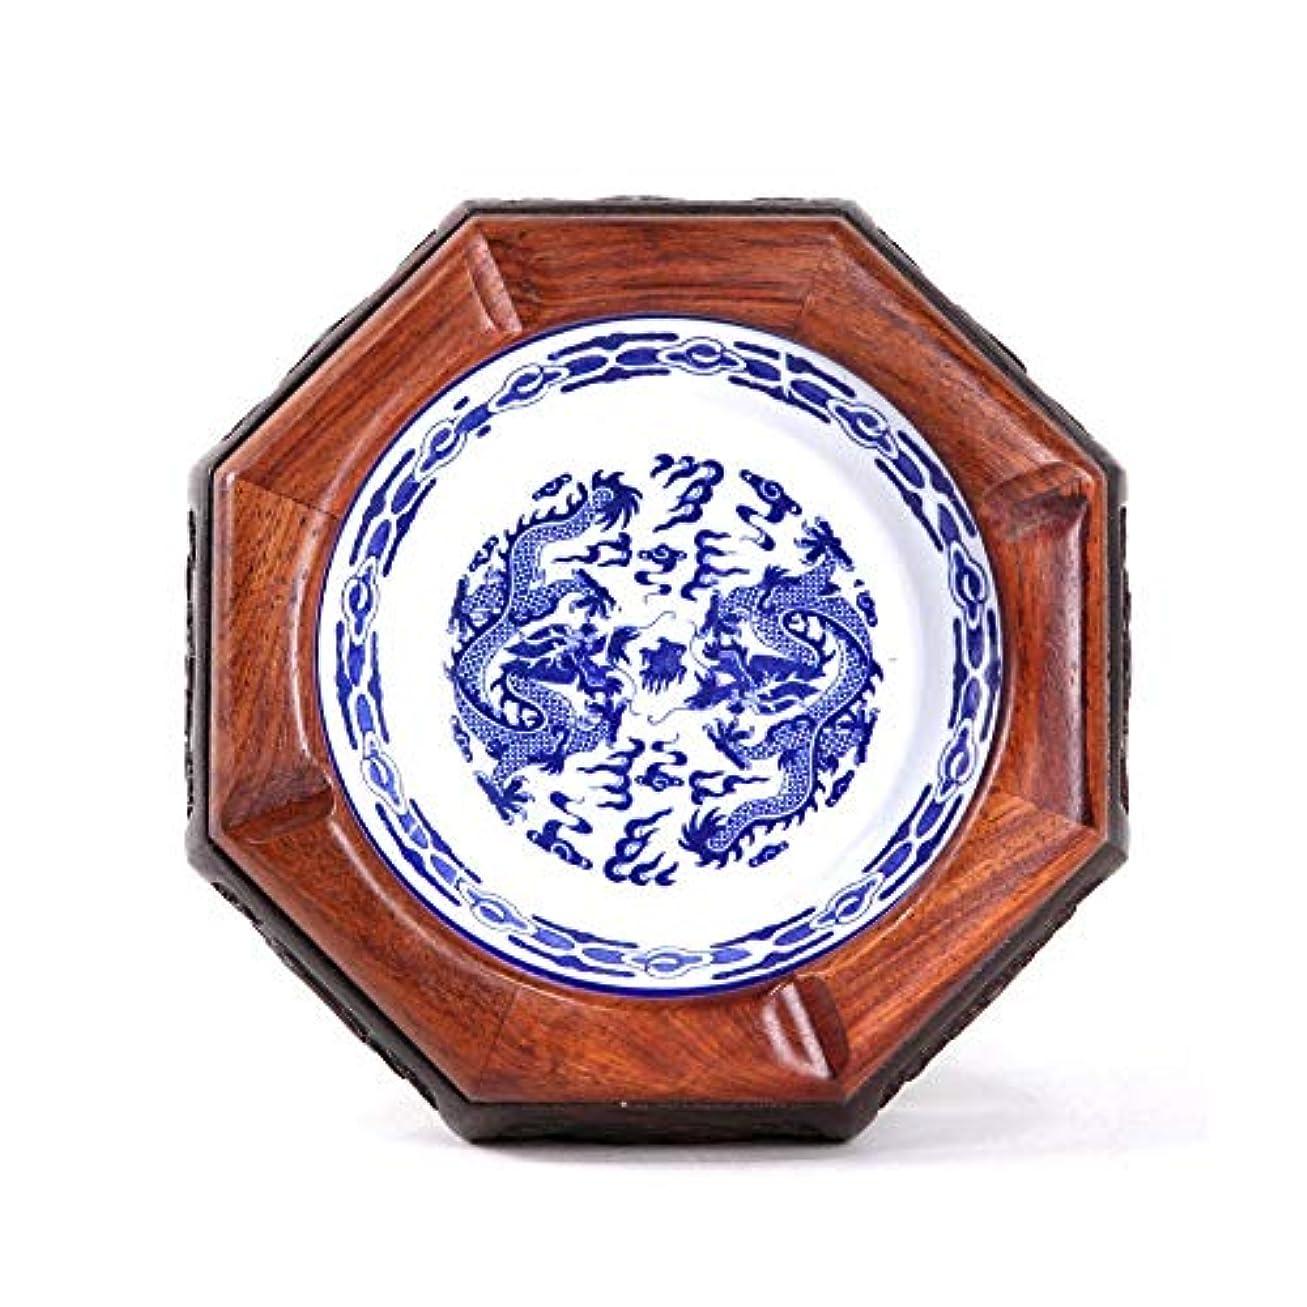 事故国旗エロチックオフィスの居間の灰皿、中国のレトロな陶磁器並ぶ木製の灰皿、家の屋内と屋外の庭のエレガントな灰皿 (色 : L)